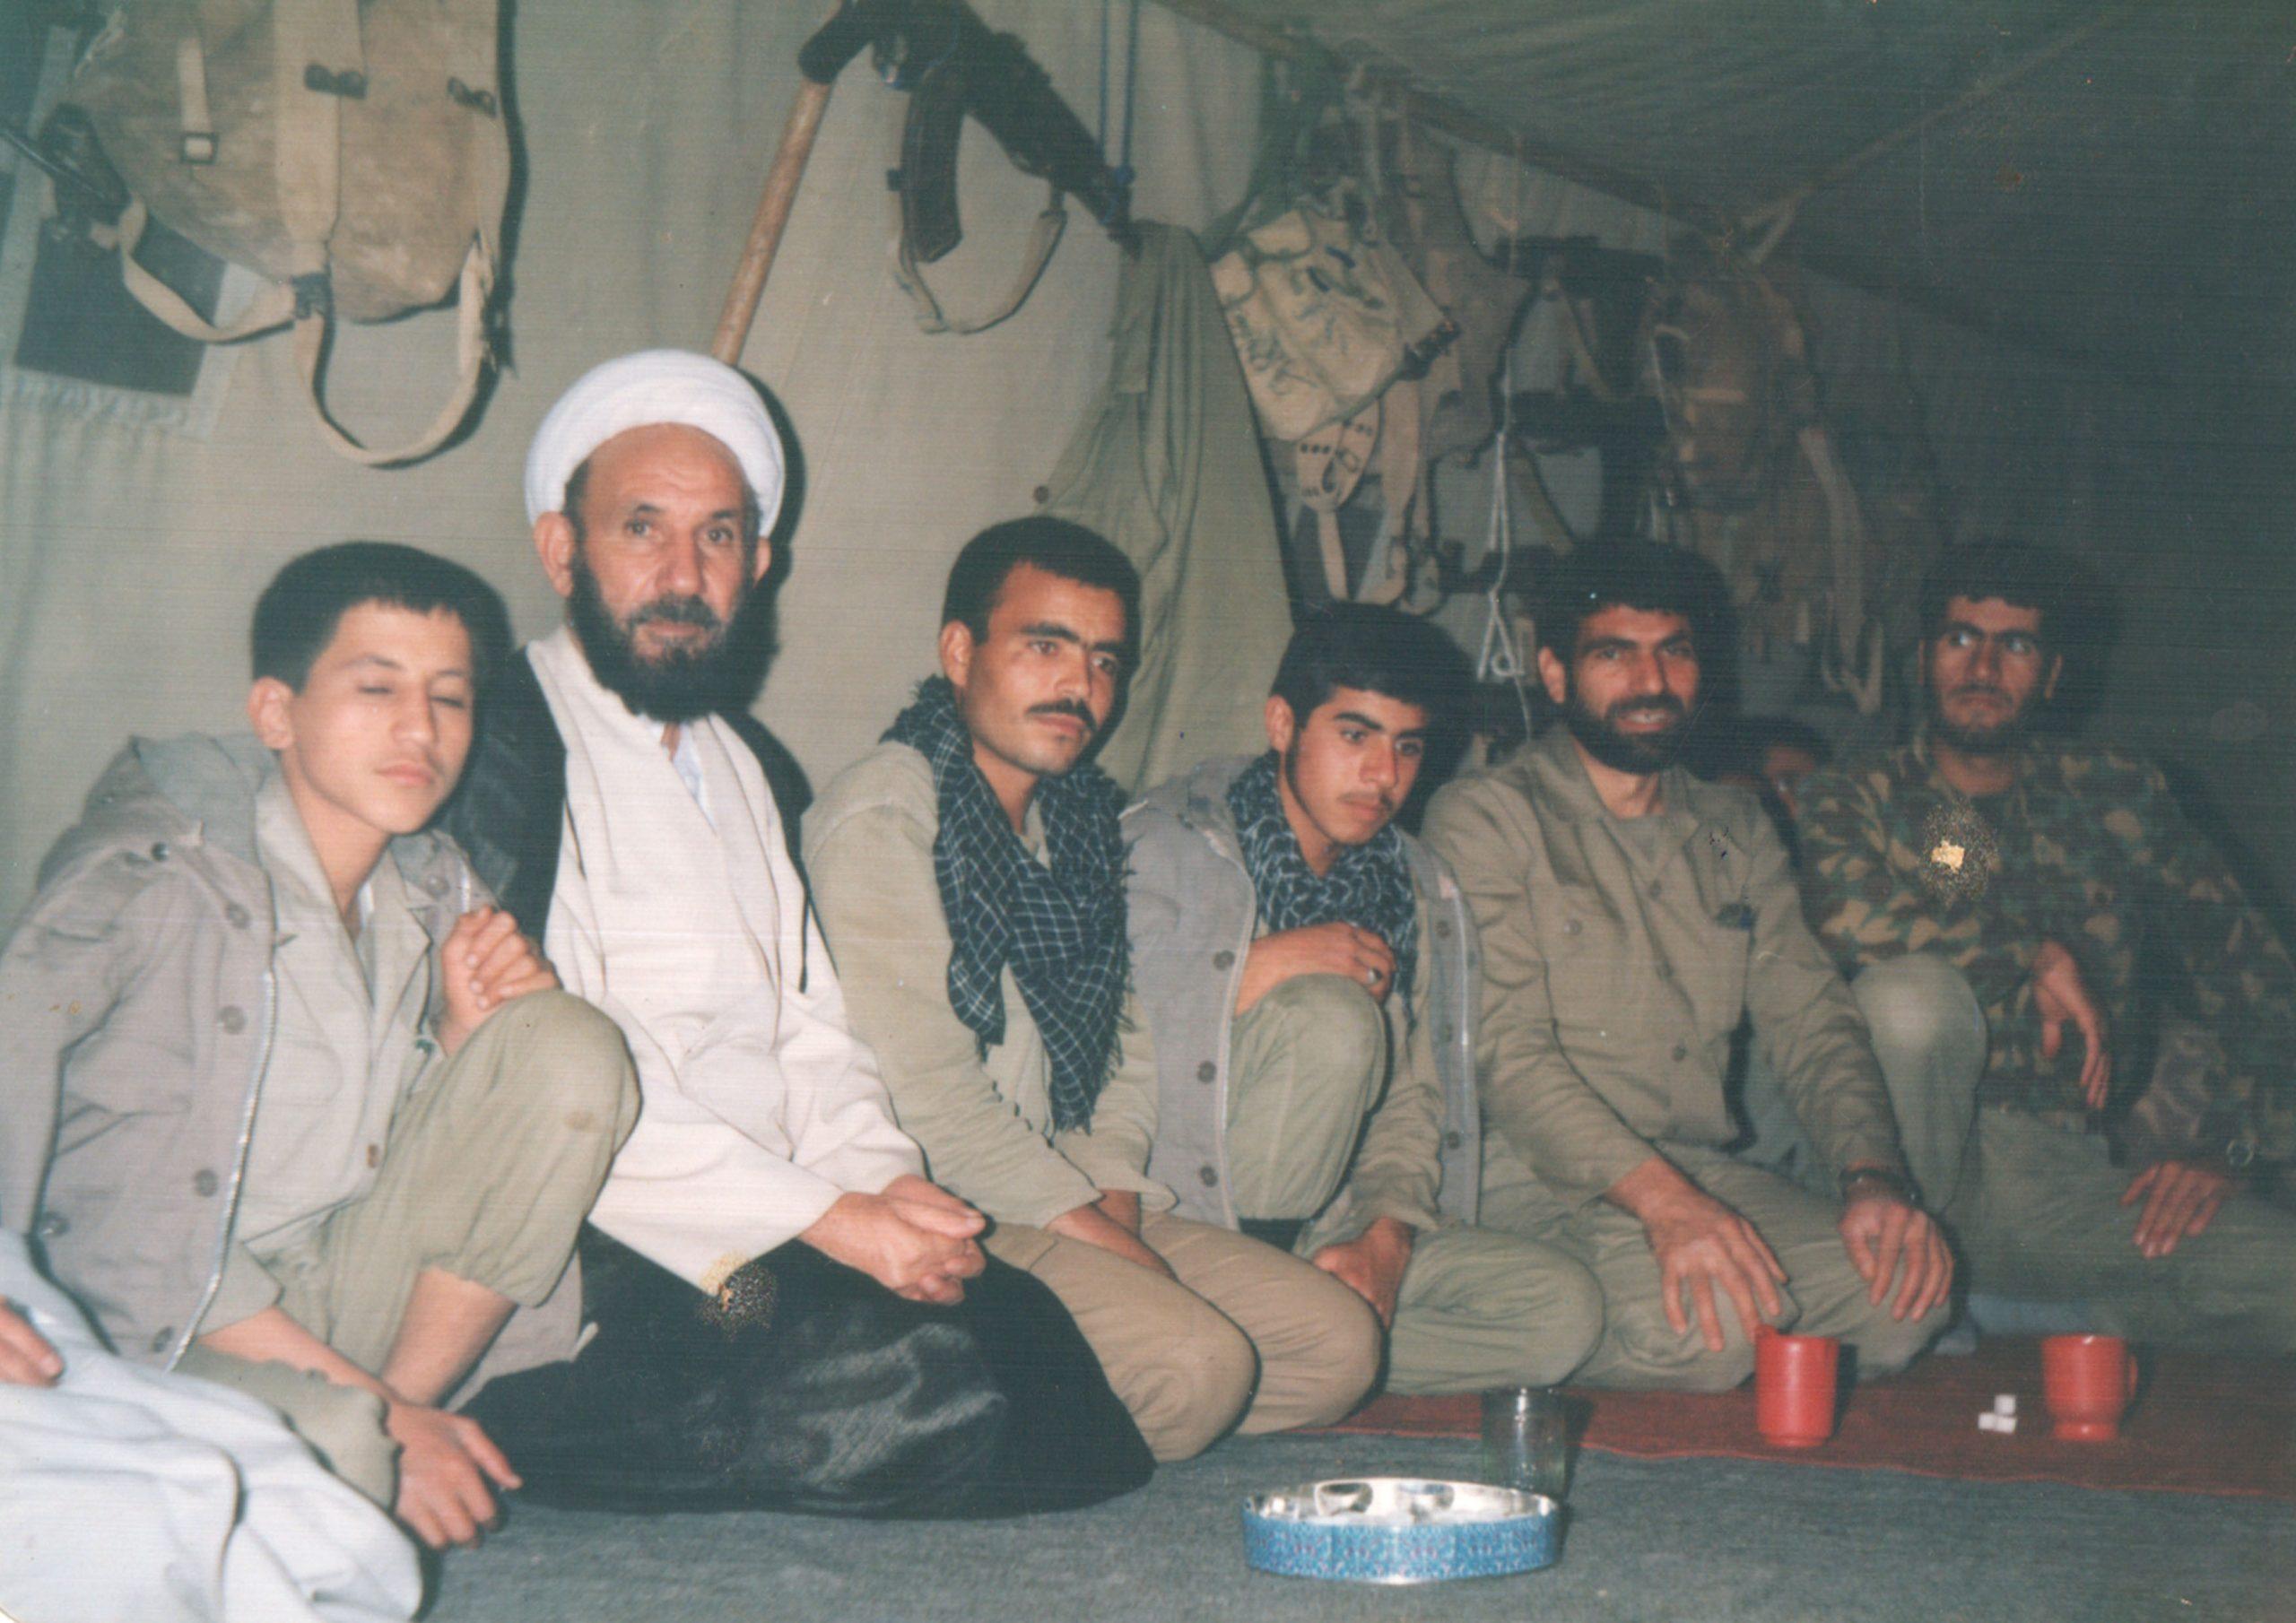 شرکت در جبهه های نبرد حق علیه باطل